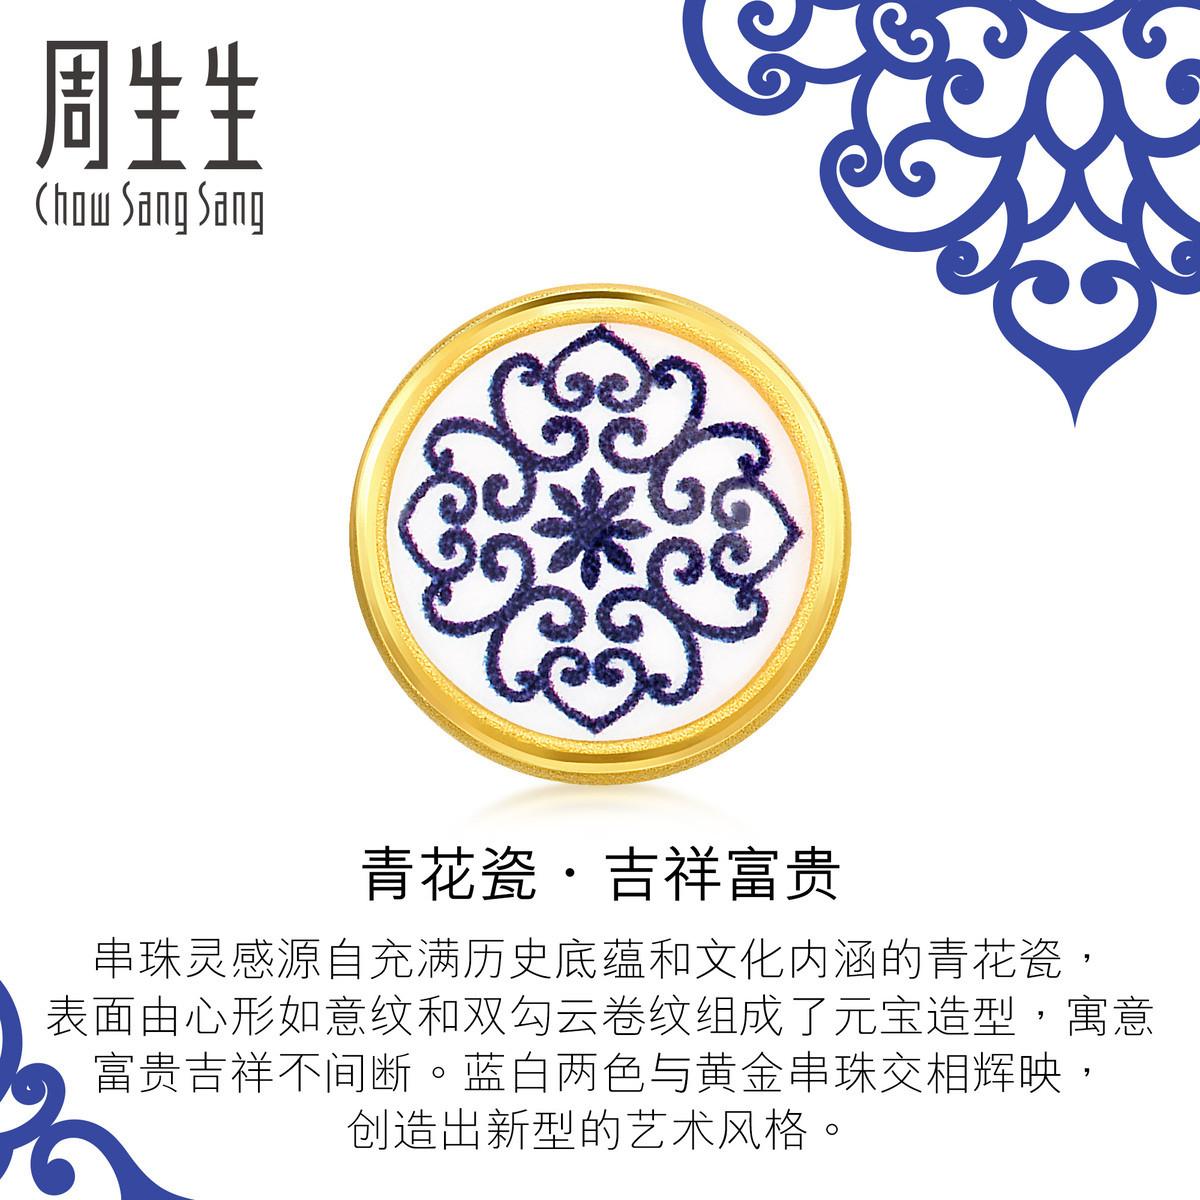 周生生周生生黄金(足金)文化祝福青花瓷转运珠(配绳需另购)91750CB000001如图